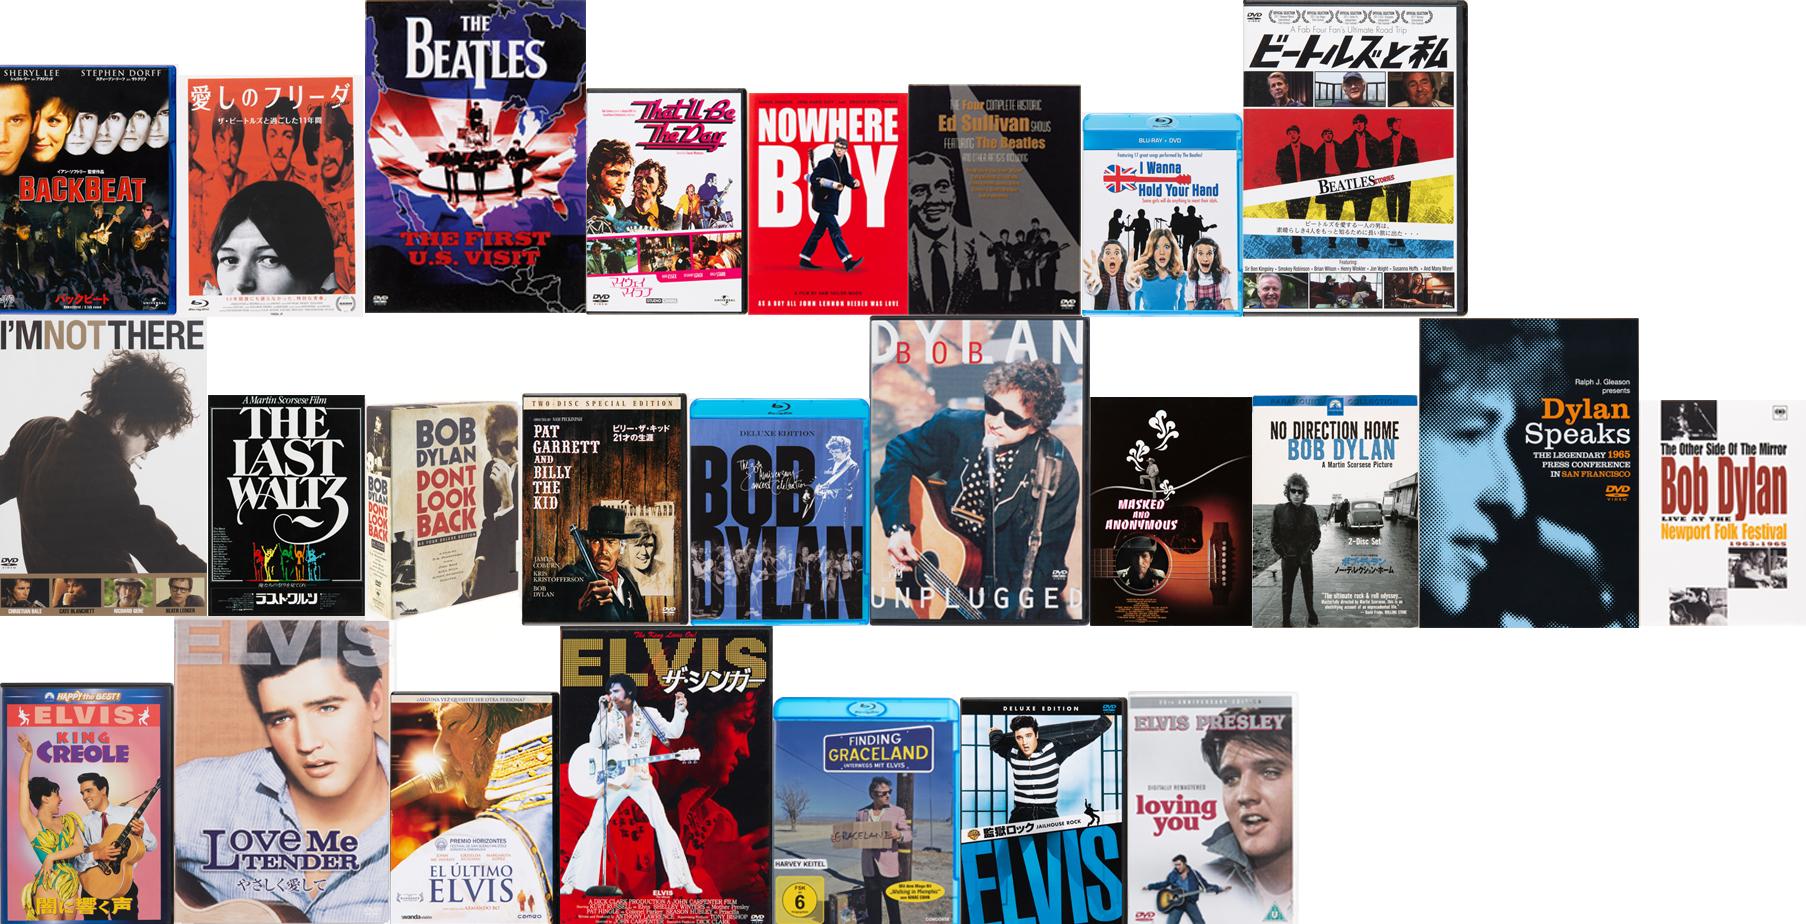 片岡義男『彼らを書く』が4月22日(水)発売! ザ・ビートルズ、ボブ・ディラン、エルヴィス・プレスリーのDVDをじっくり見つめて綴ったエッセイ